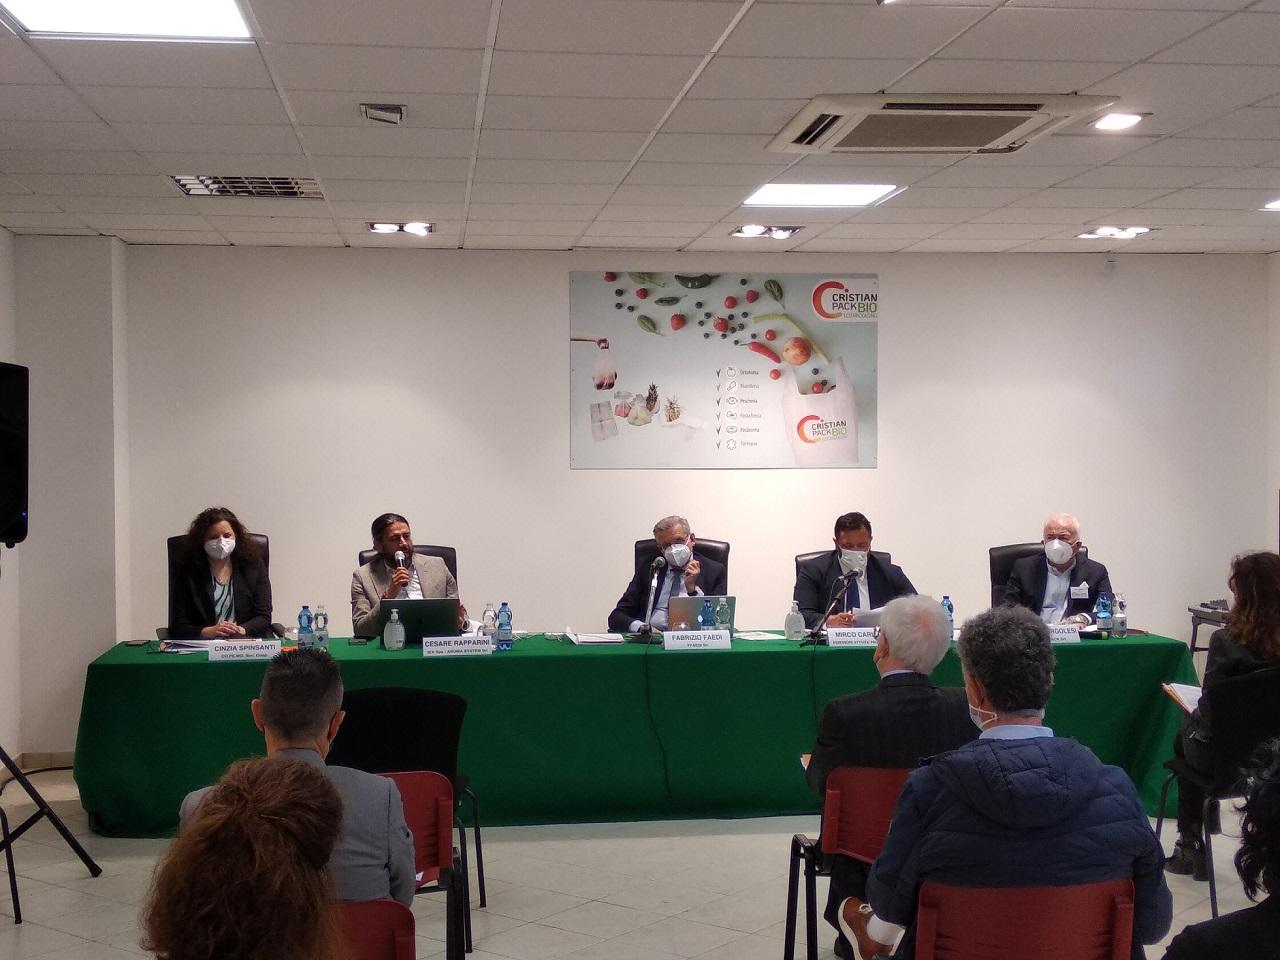 La conferenza alla Cristianpack con i relatori e l'assessore regionale Carloni